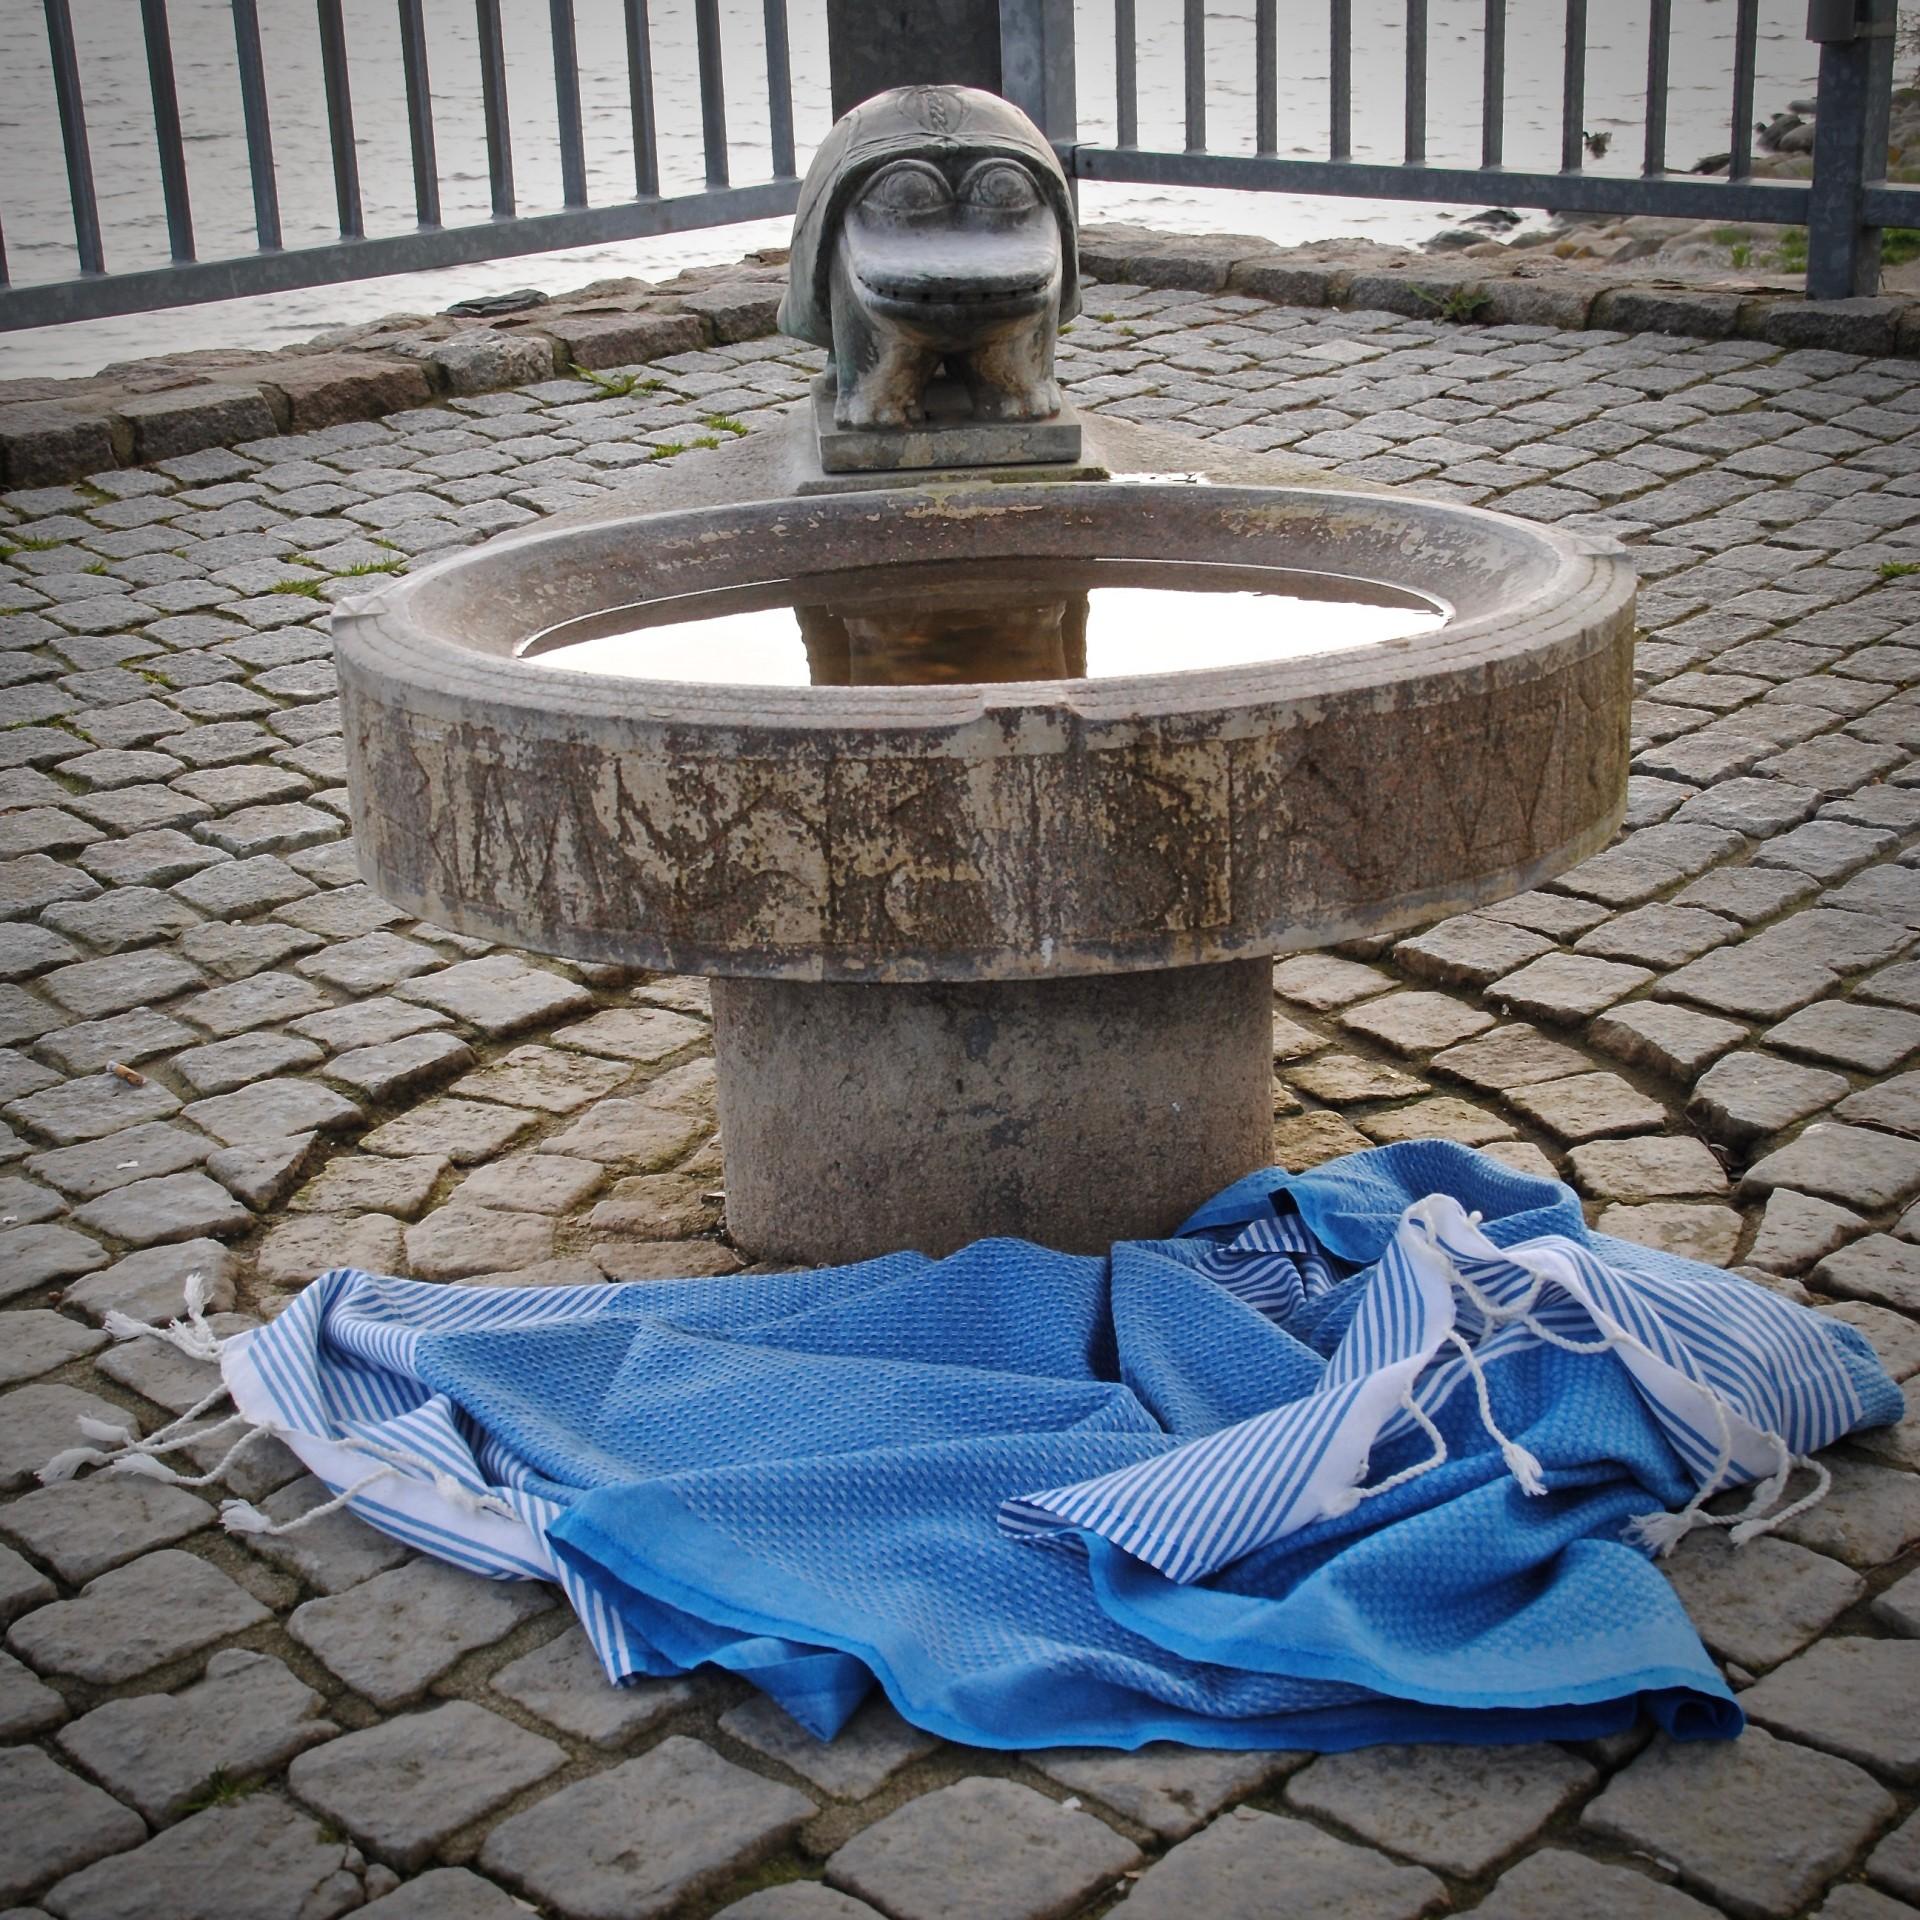 Viel Wind und kein Wasser lauft, kleiner Brunnen an der Schlei-Promenade in Schleswig